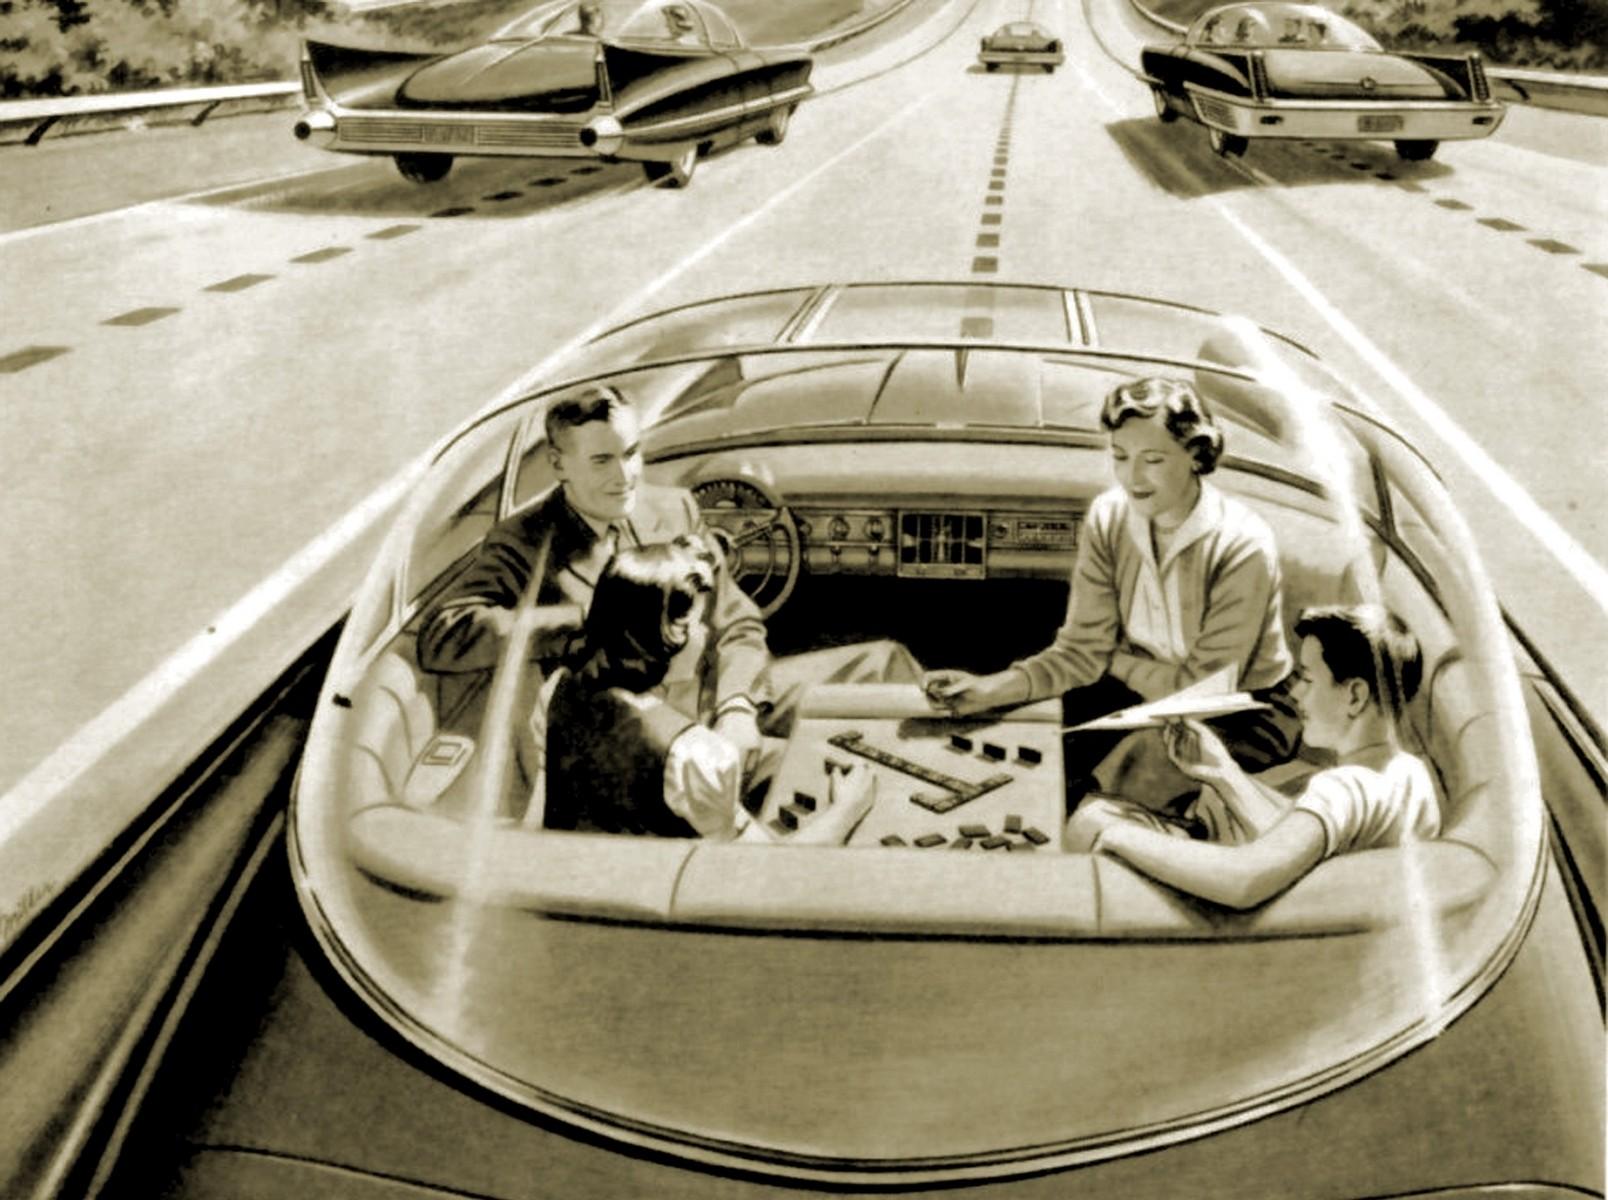 Rezultati istraživanja javnog mnjenja o autonomnim vozilima